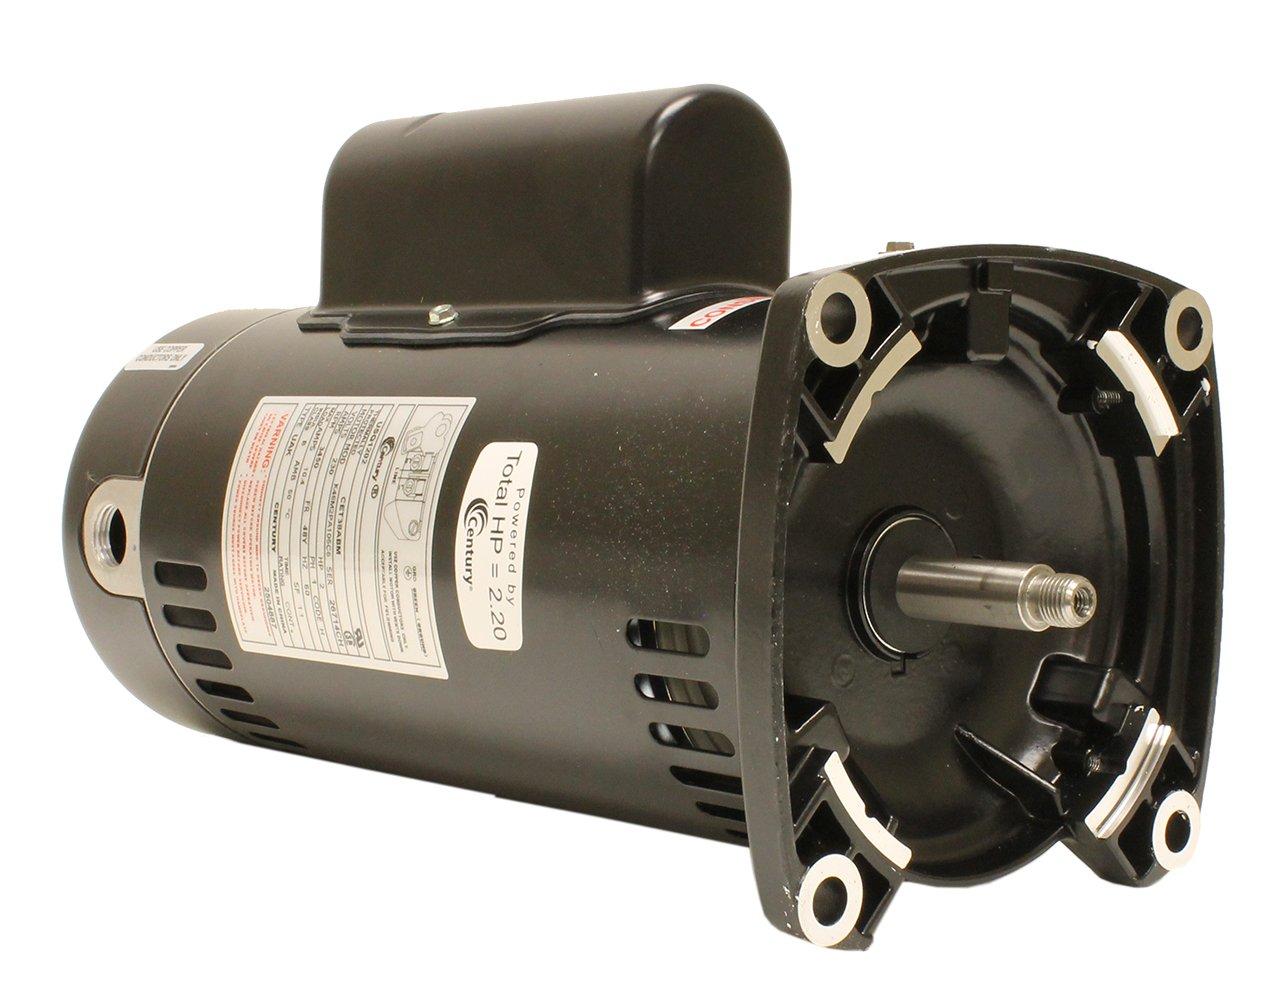 リーガルベロイトアメリカ - EPC USQ1202 AOスミスモーター2 HP - 230ボルトシングルスピードモーター